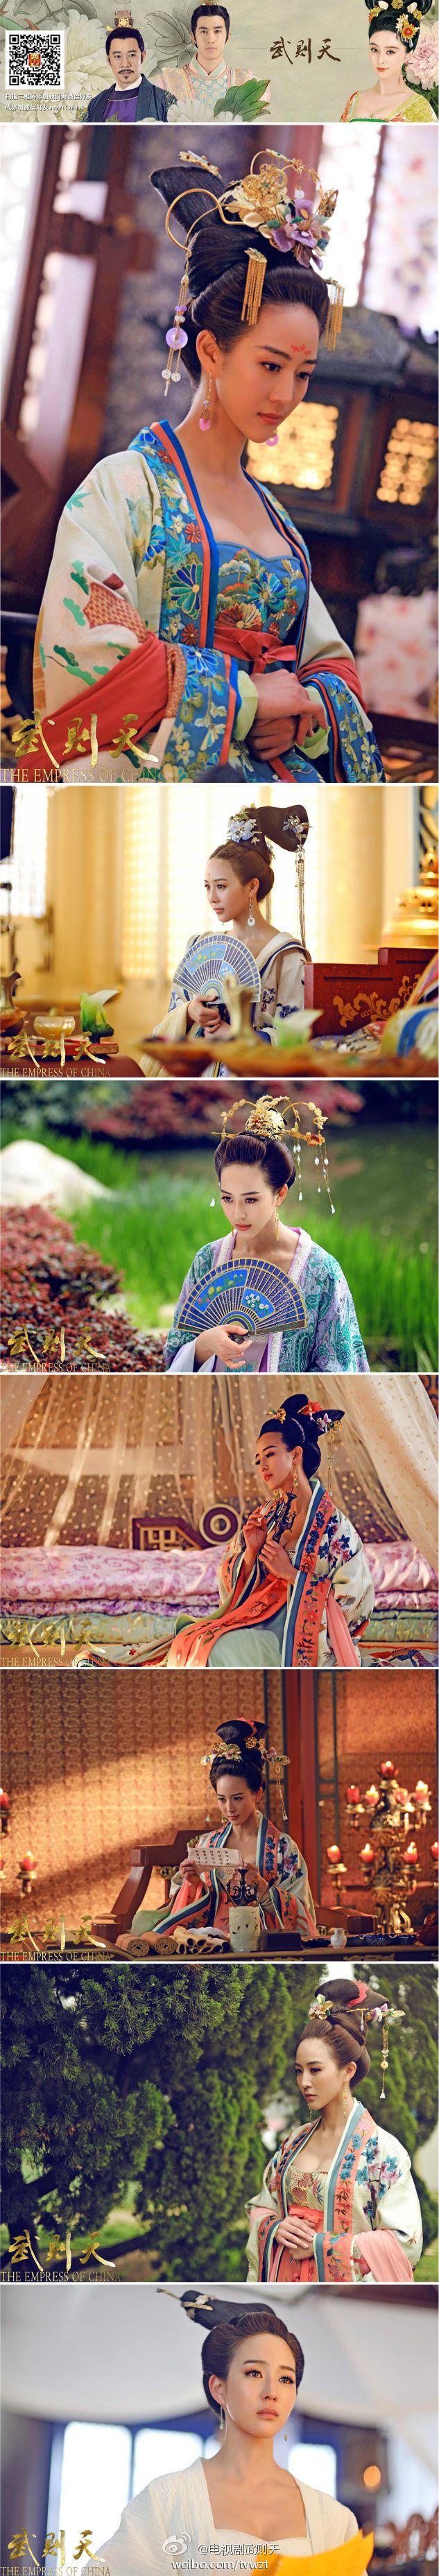 武媚娘传奇的照片 - 微相册. The Empress of China TV drama starring Fan Bing Bing, Aariff Lee, Janine Chang & Xinyu Zhang (Viann)